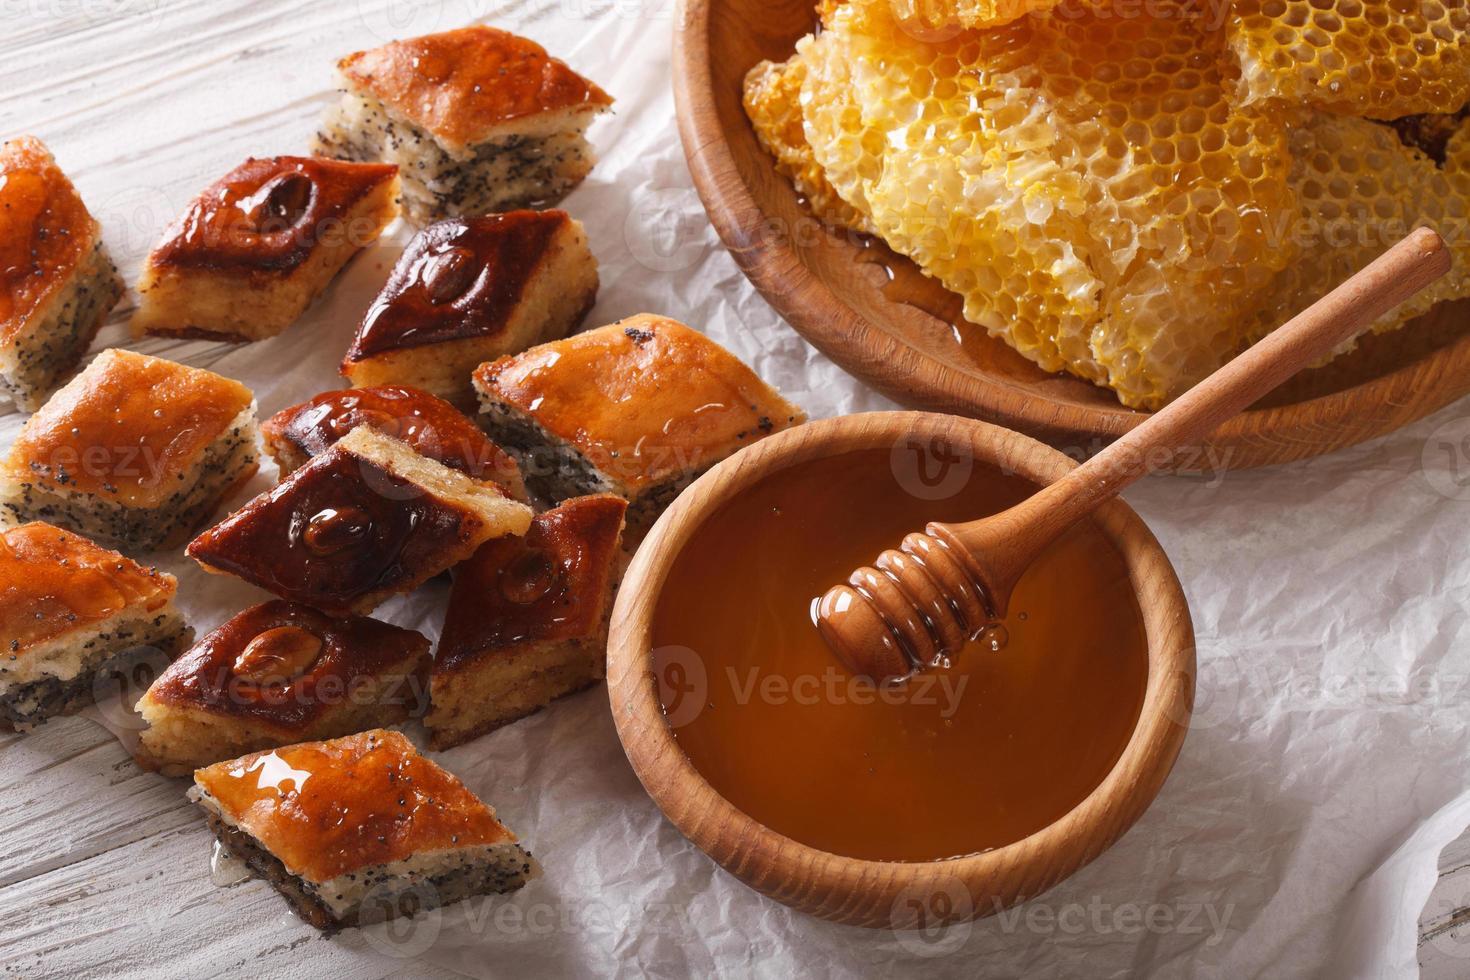 orientaliska godis: baklava med vallmo och nötter och en honungskaka. foto